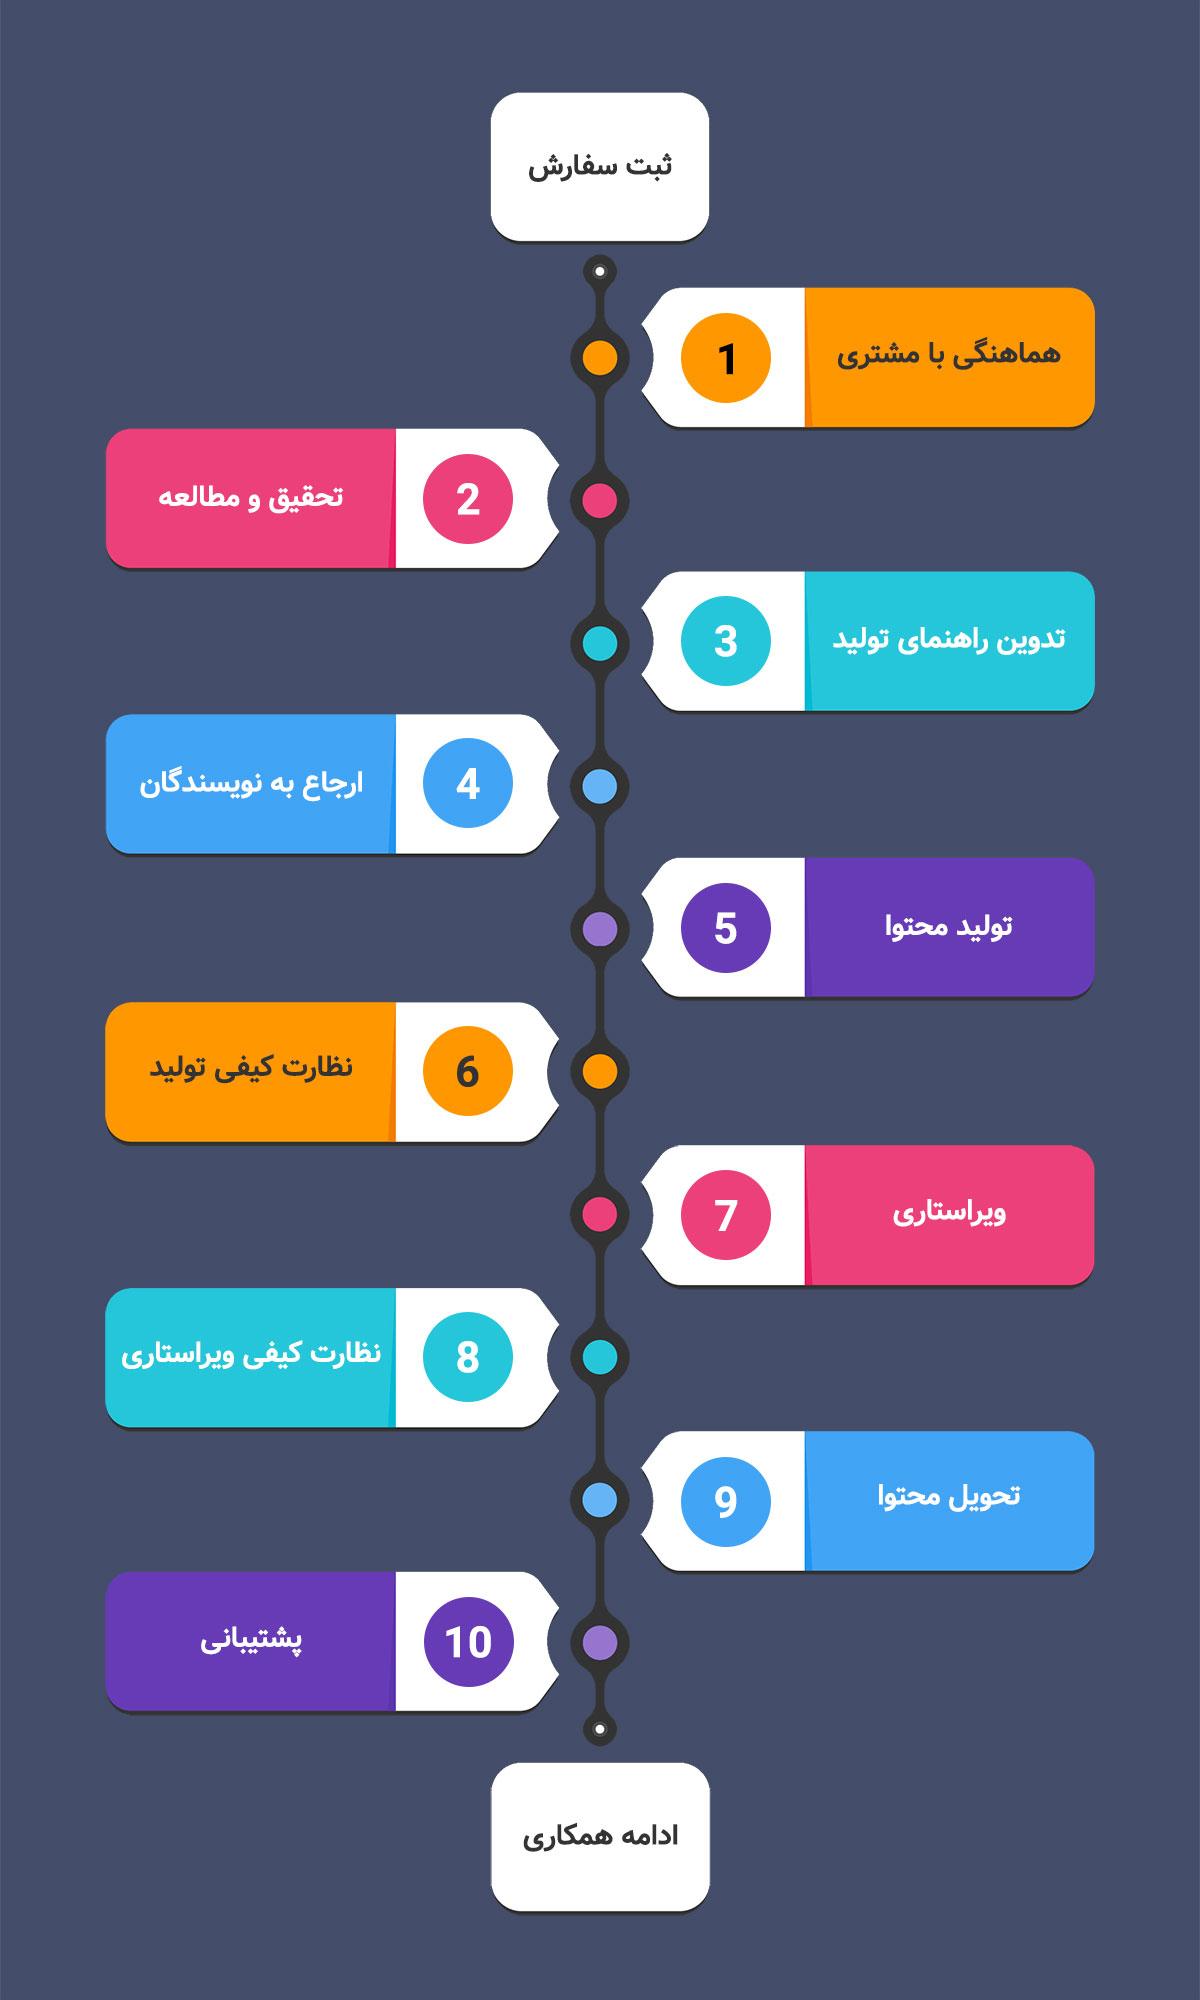 مراحل تولید محتوا در کرج